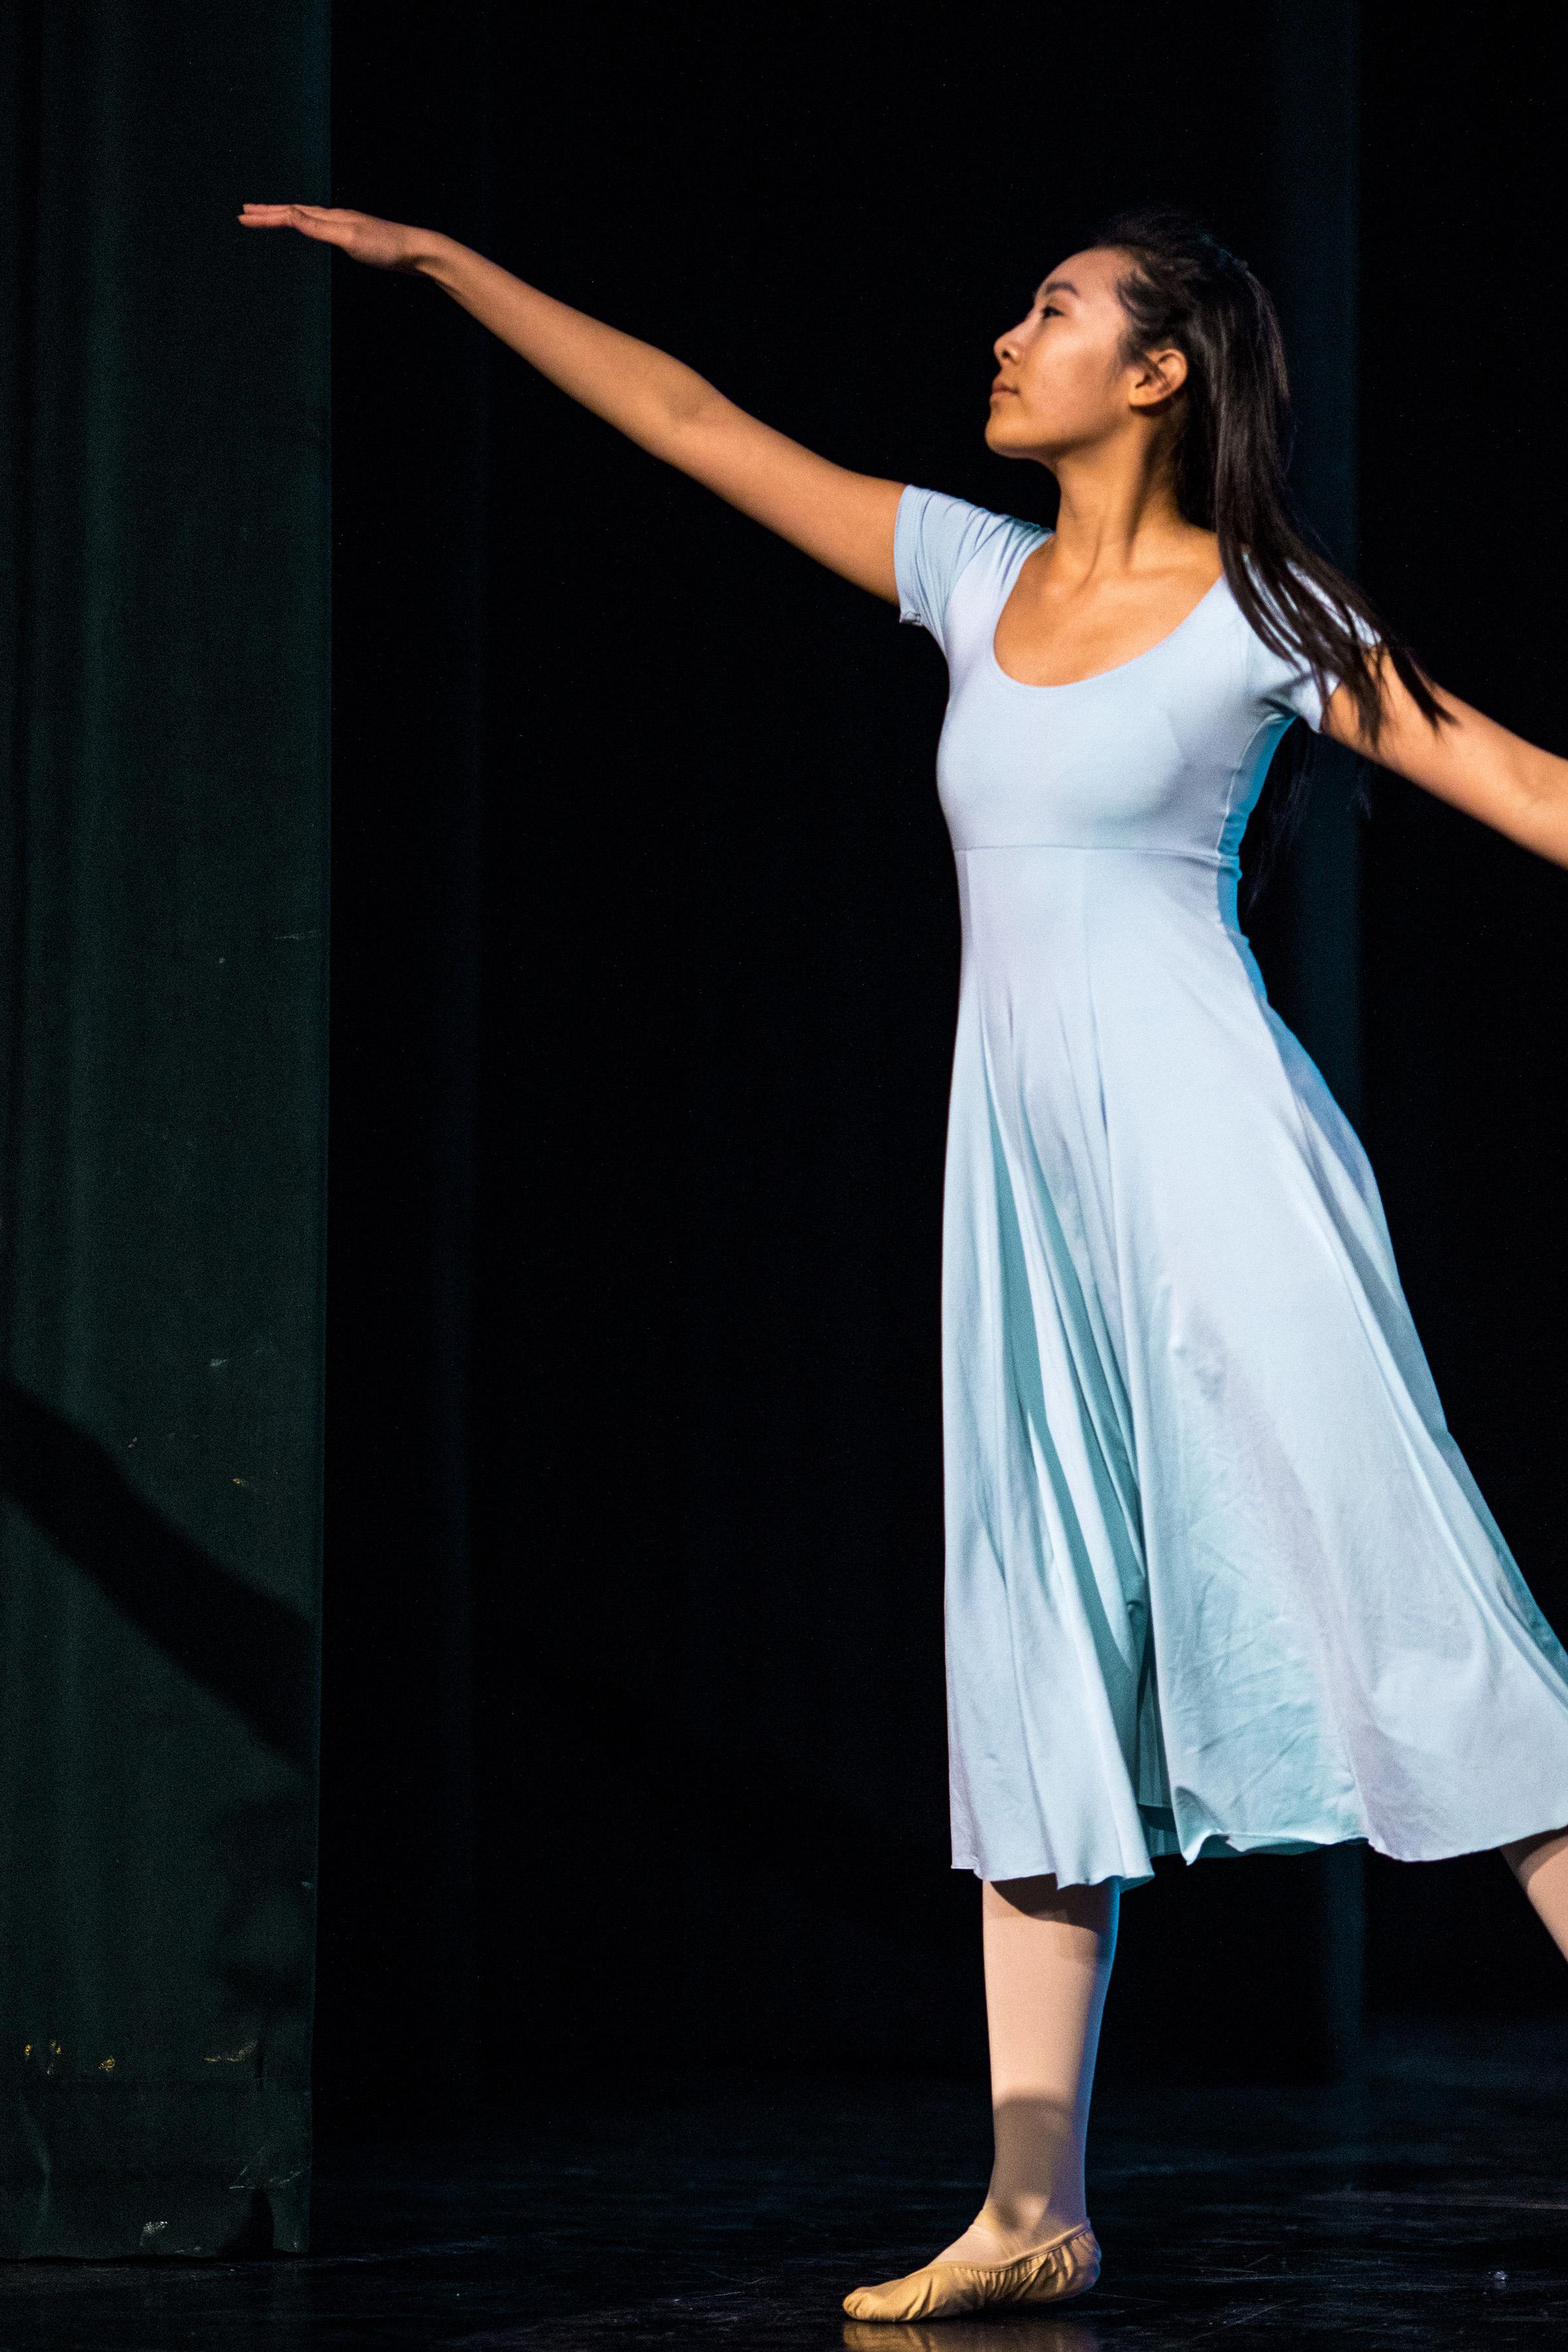 AIS_DanceMotion_031619_0047.jpg